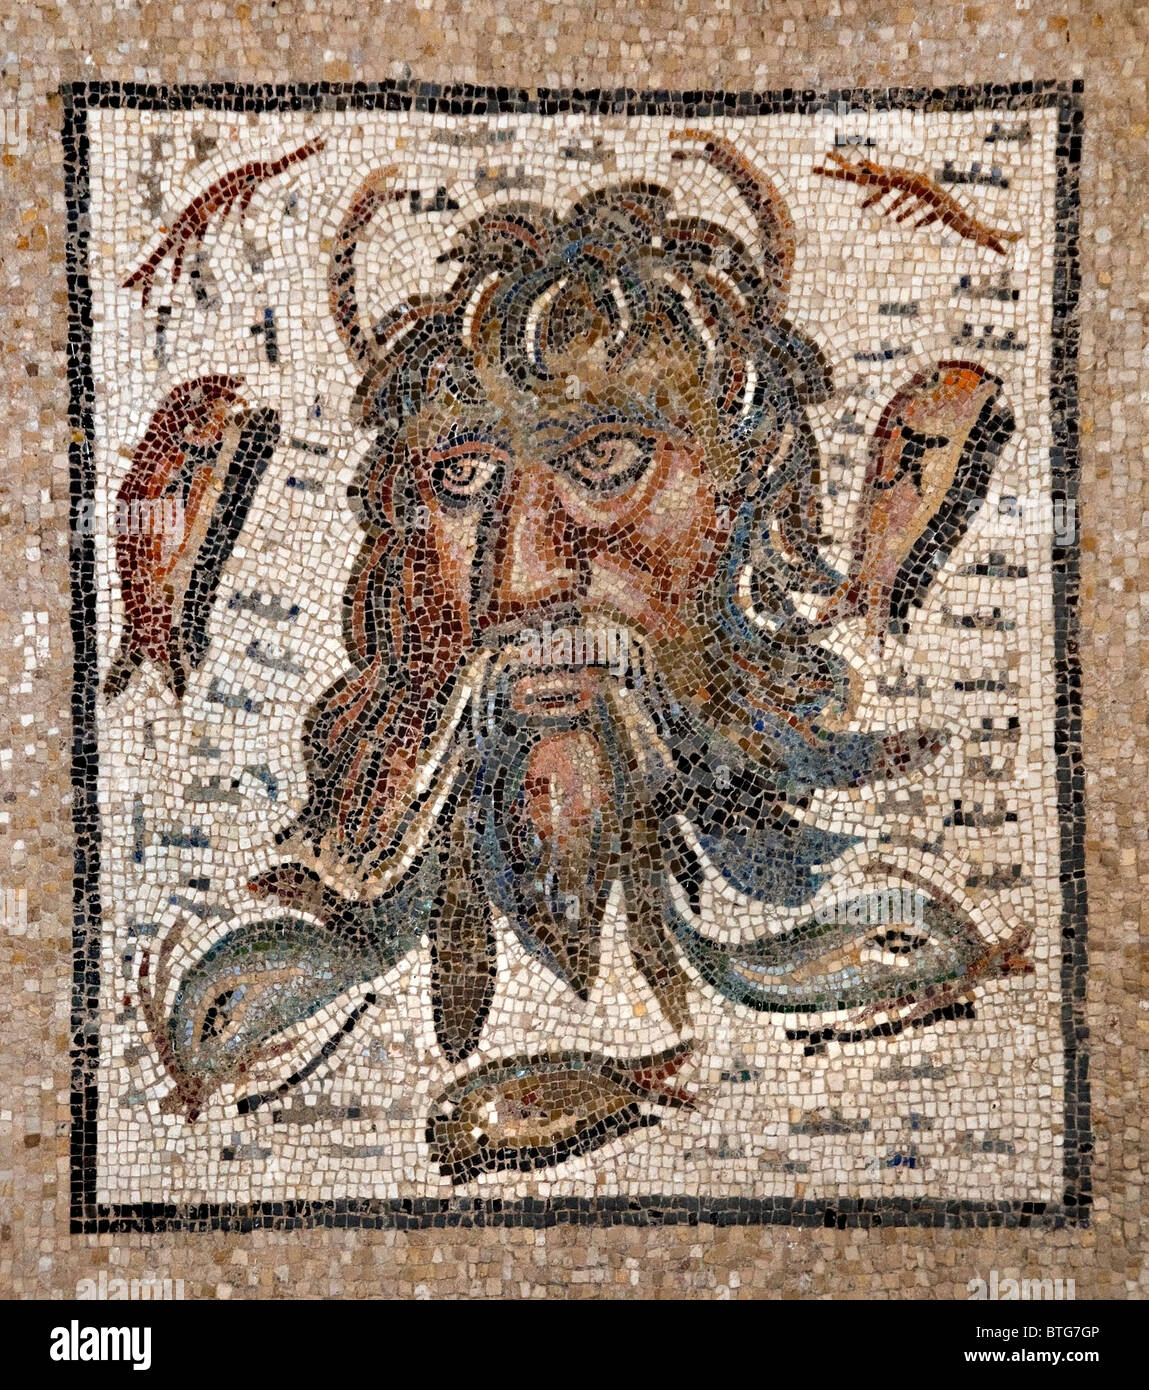 L'Alcazar de los Reyes Cristianos Cordoba Spagna Andalusia Mascara de Oceano II romana secolo Foto Stock